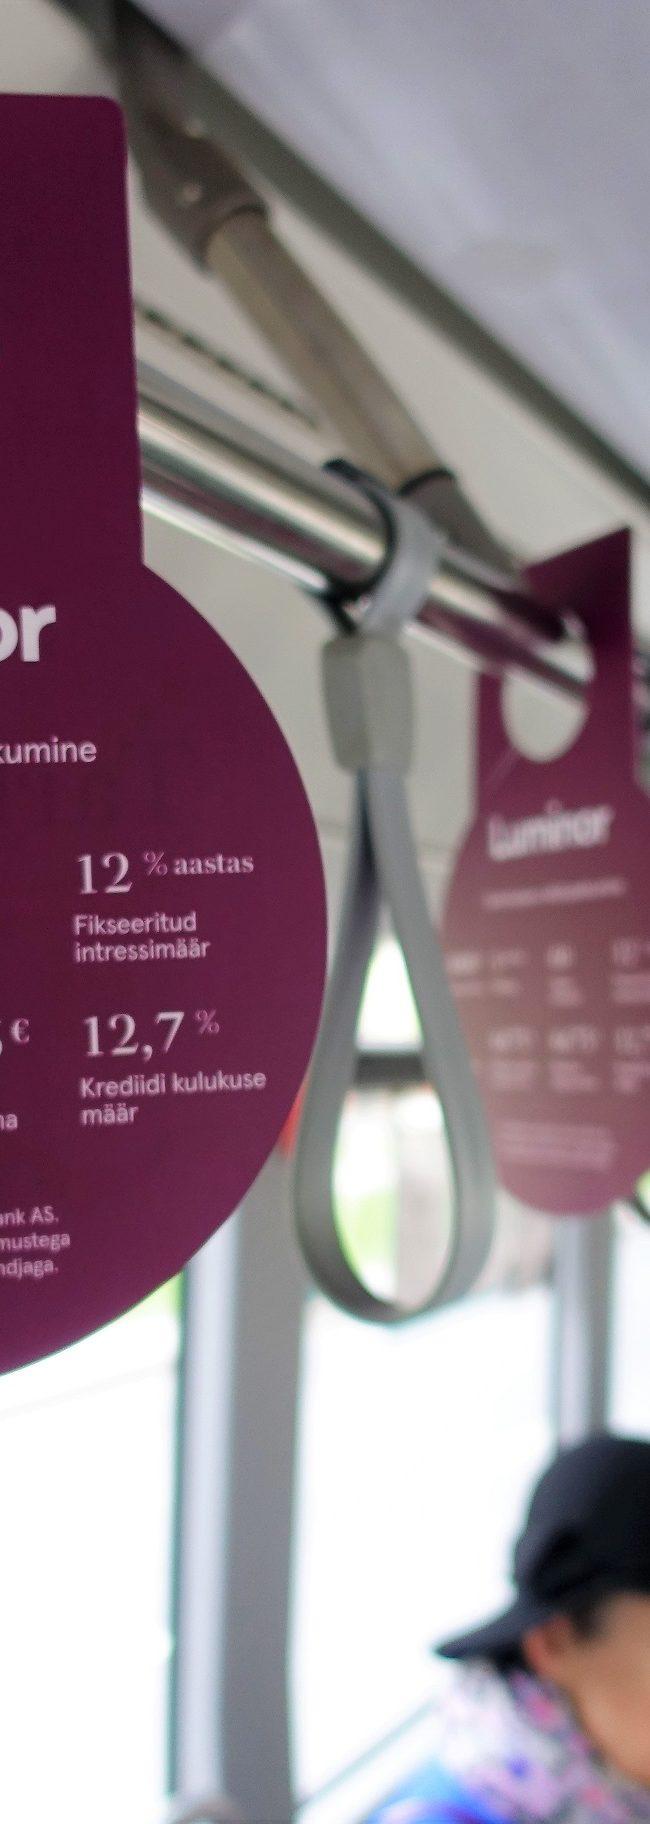 Luminor – reklaamid ümber torude, bussireklaam